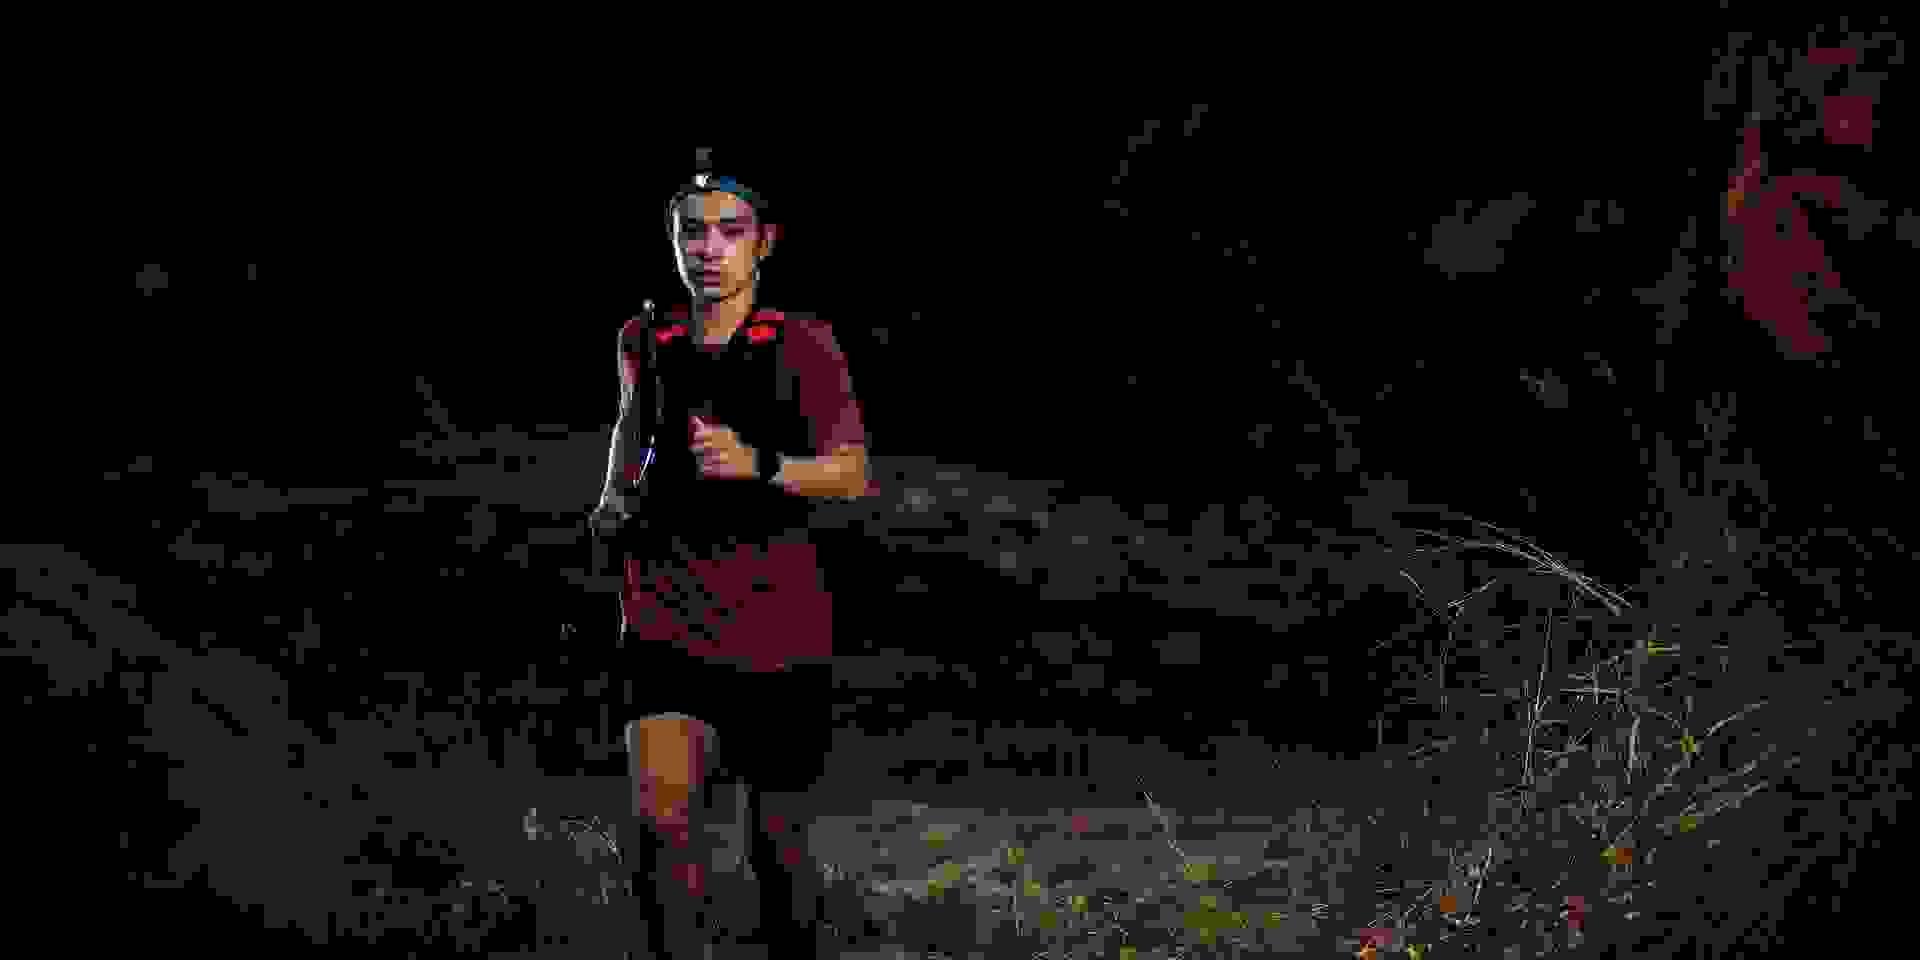 Ein Trailrunner während des Laufens von vorne im Dunkeln fotografiert.